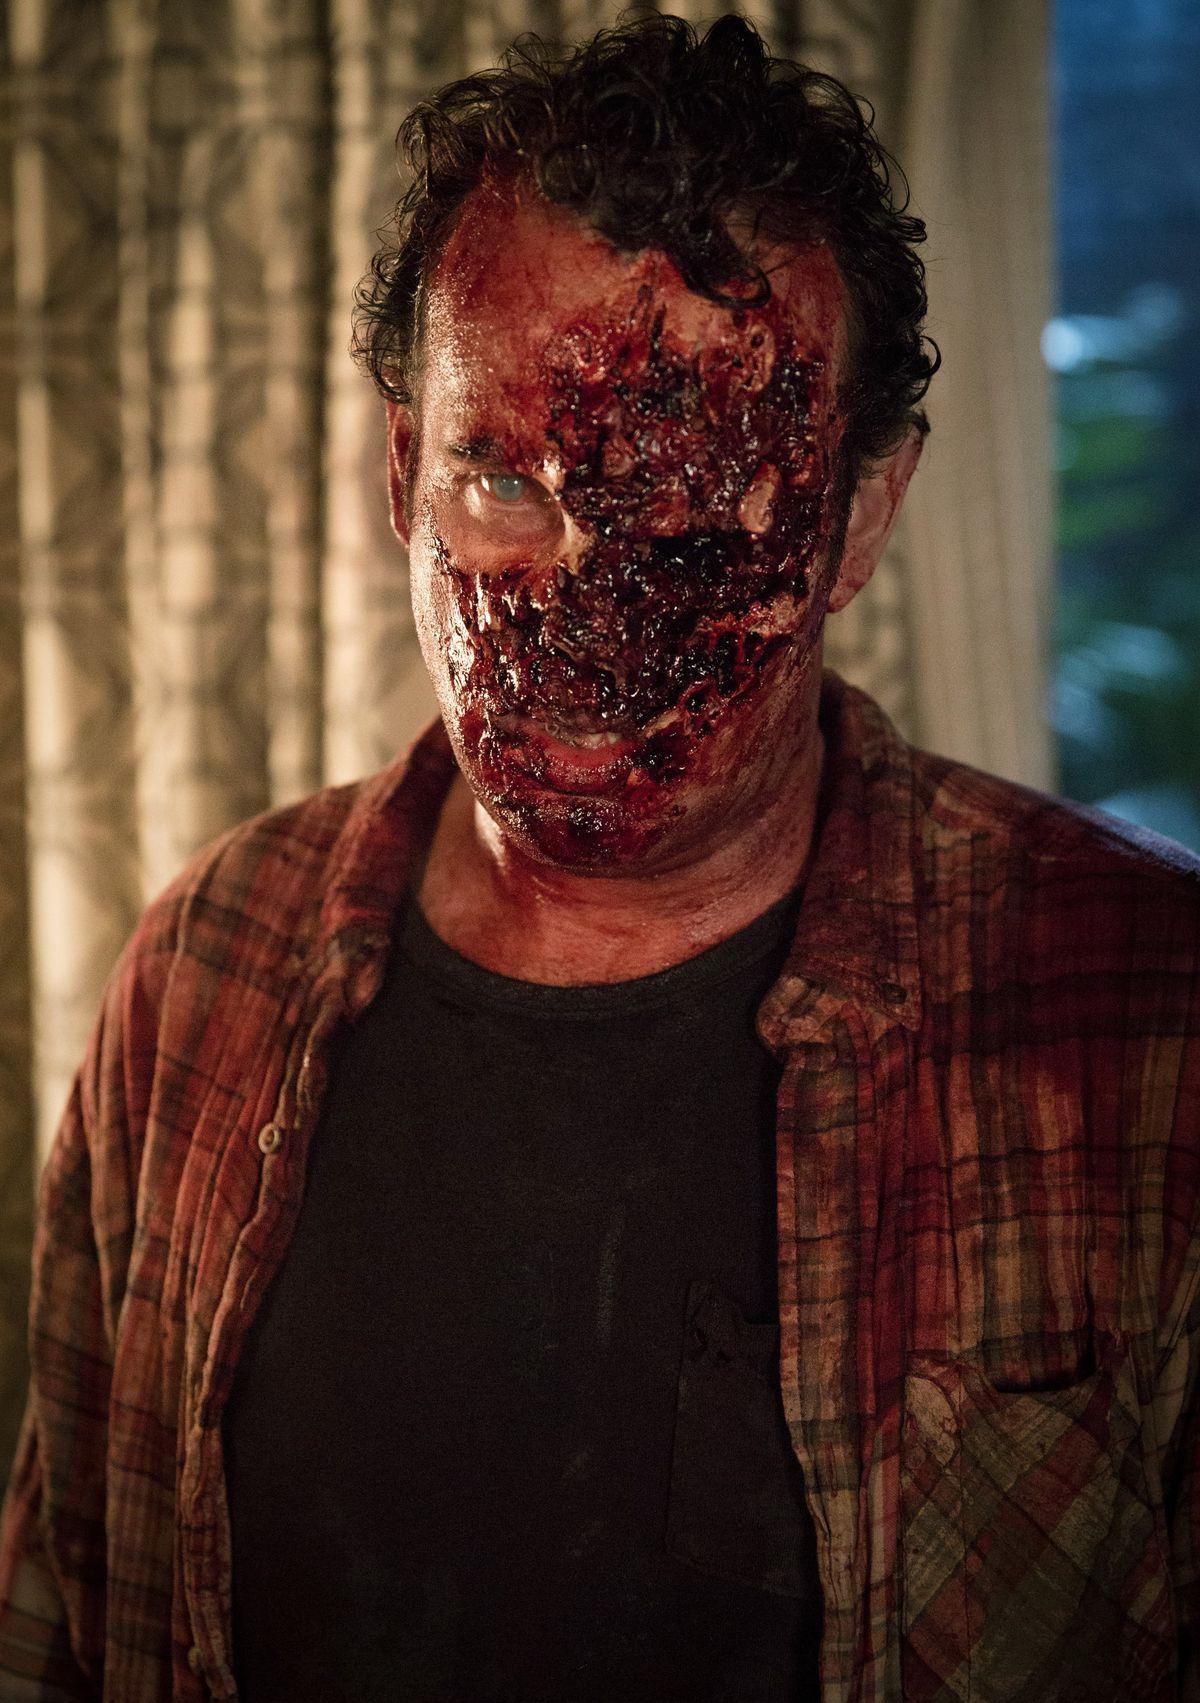 A Fear the Walking Dead zombie.